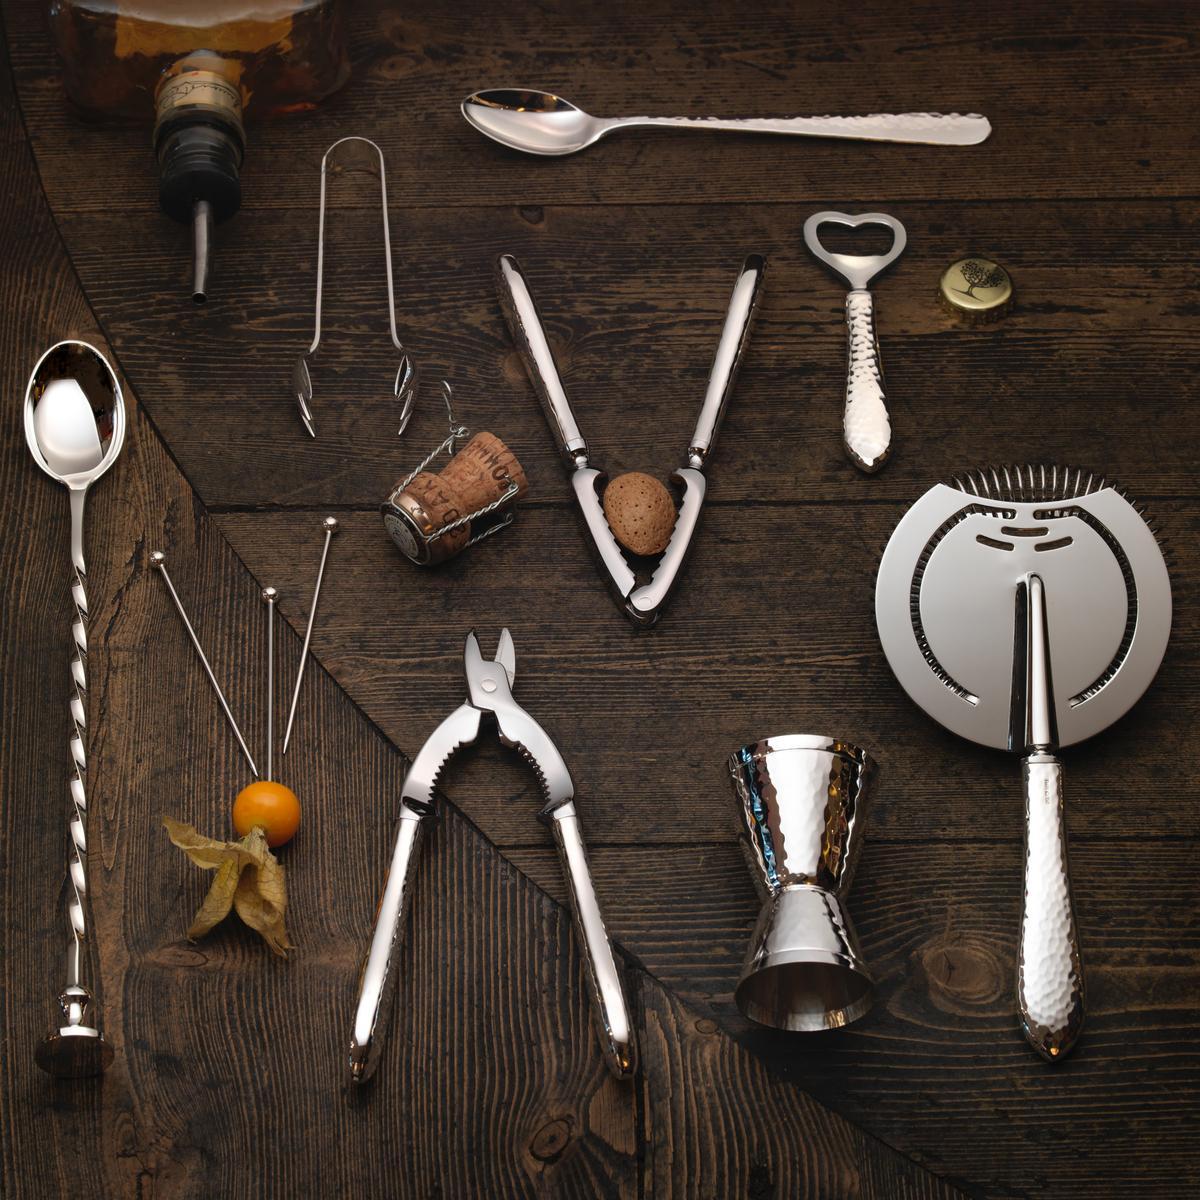 robbe berking martel bar collection. Black Bedroom Furniture Sets. Home Design Ideas